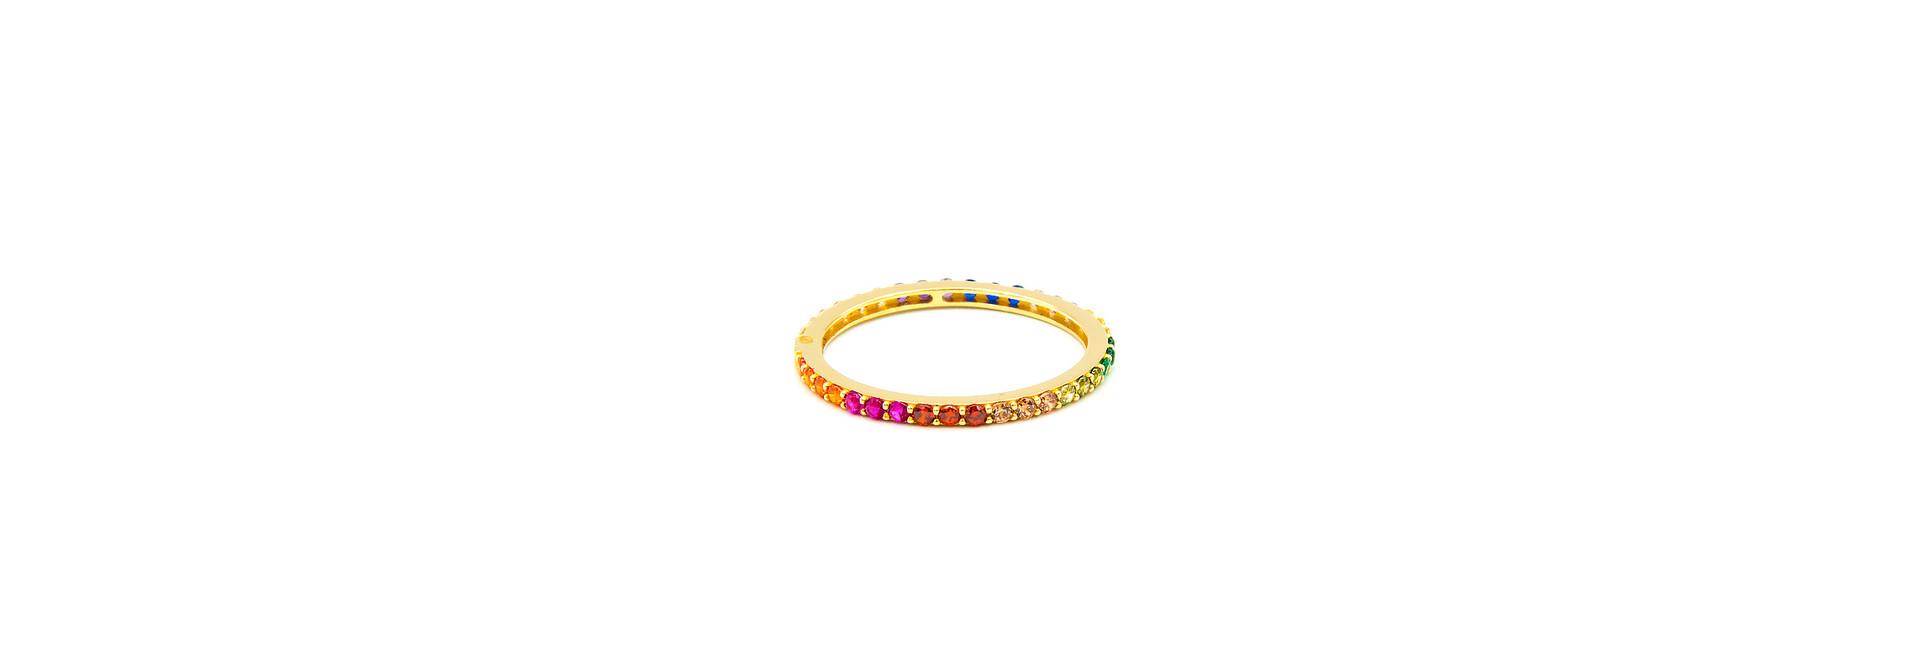 Ring ingezet met zirkonia's in regenboogkleuren